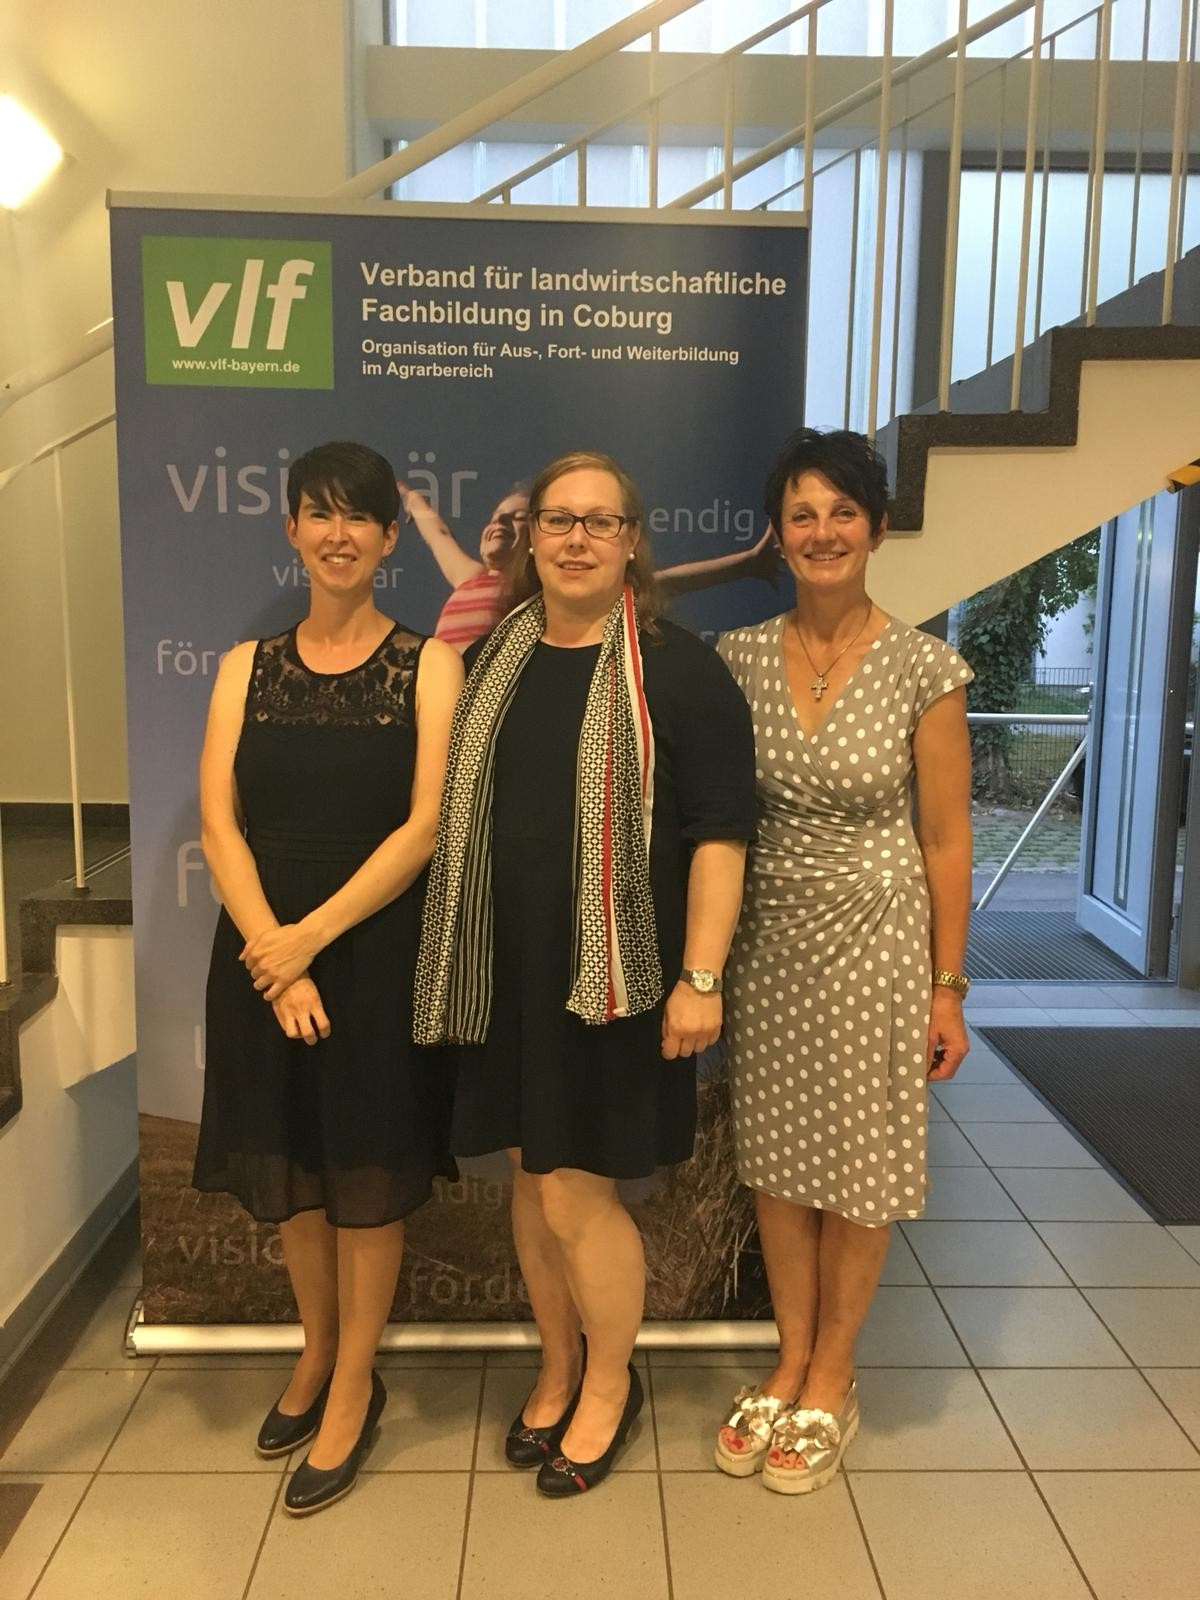 Dagmar Hartleb, stv. Vorsitzende und Vorsitzende vlf-Frauengruppe des vlf Coburg (re.) mit den neu aufgenommenen Mitgliedern.